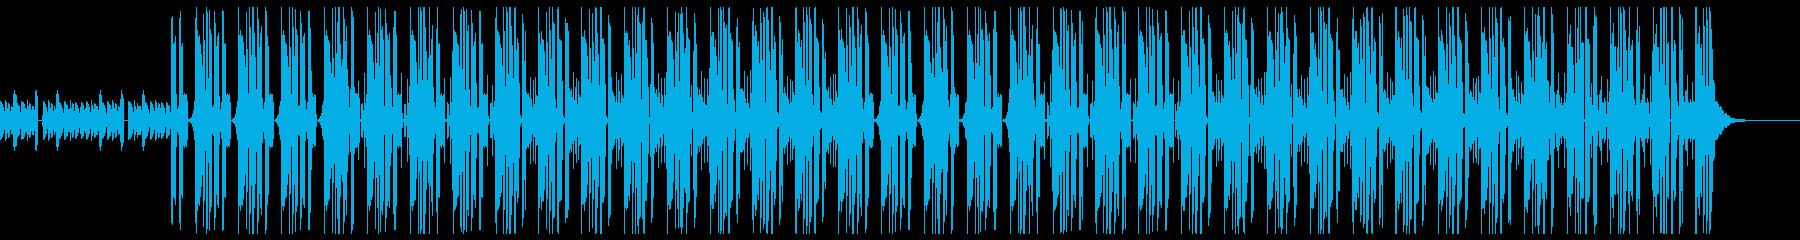 ダークなトラップビートの再生済みの波形